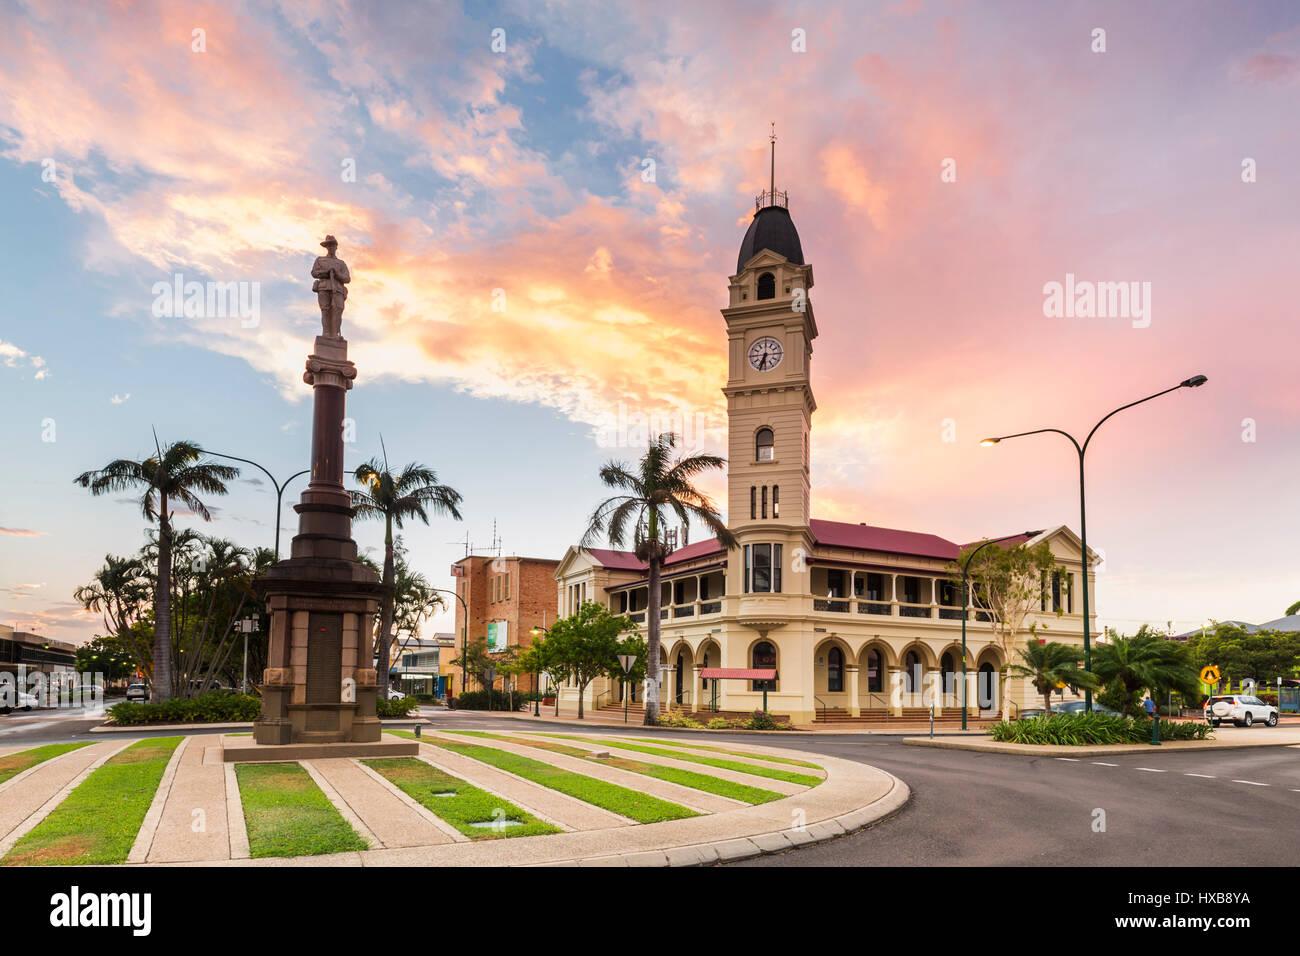 Blick auf den Sonnenuntergang von Bundaberg Postamt und Clock Tower.  Bundaberg, Queensland, Australien Stockbild